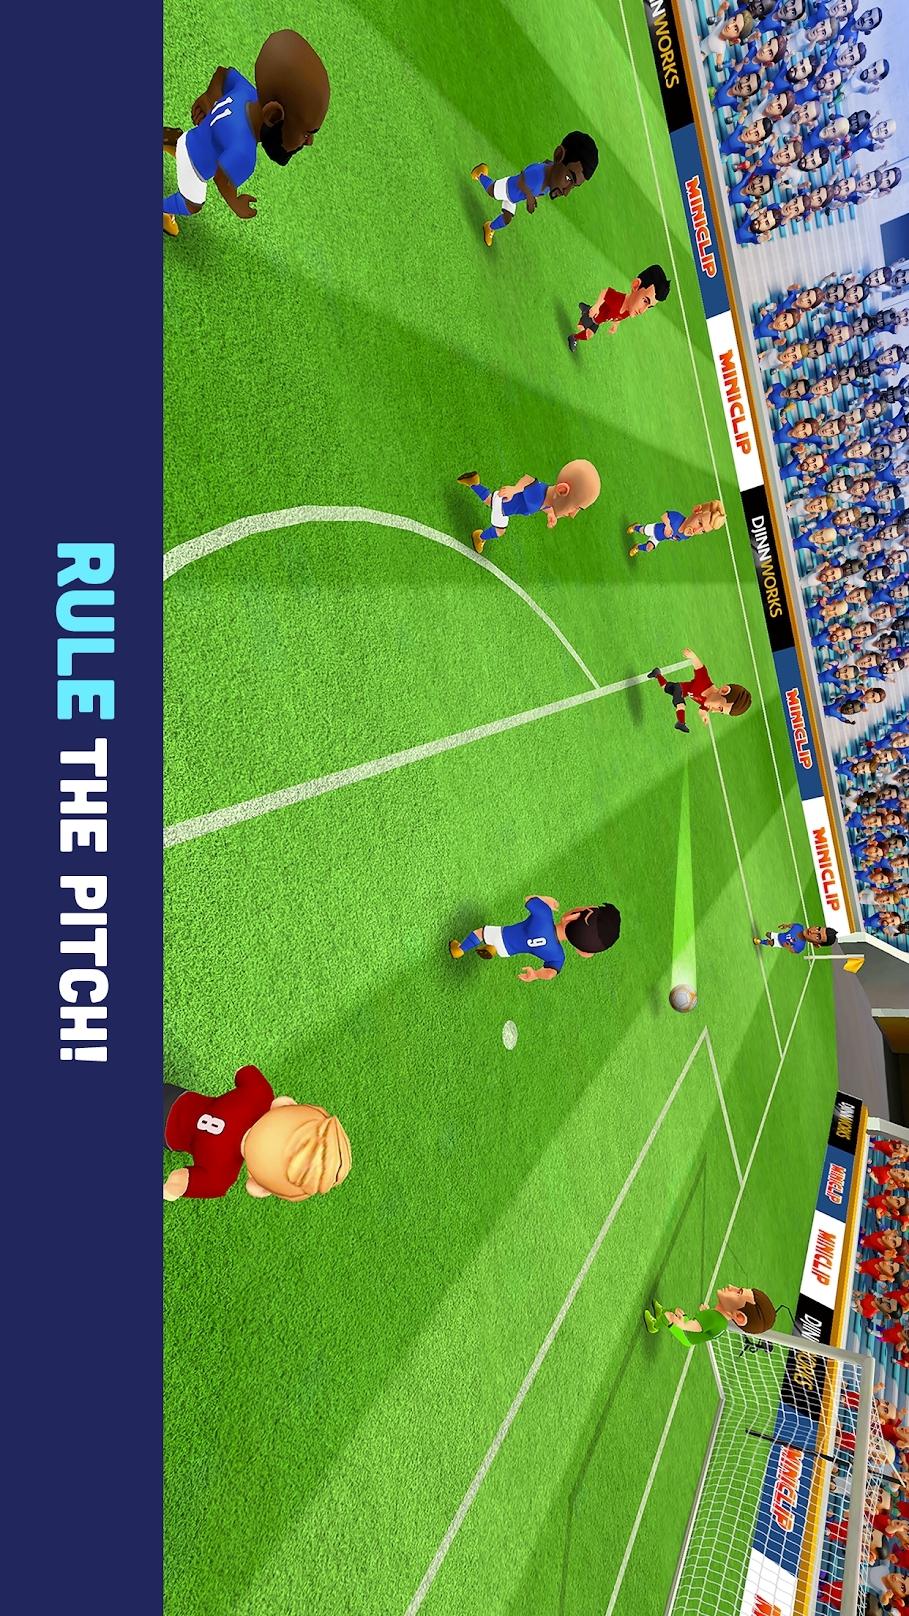 迷你足球游戏截图